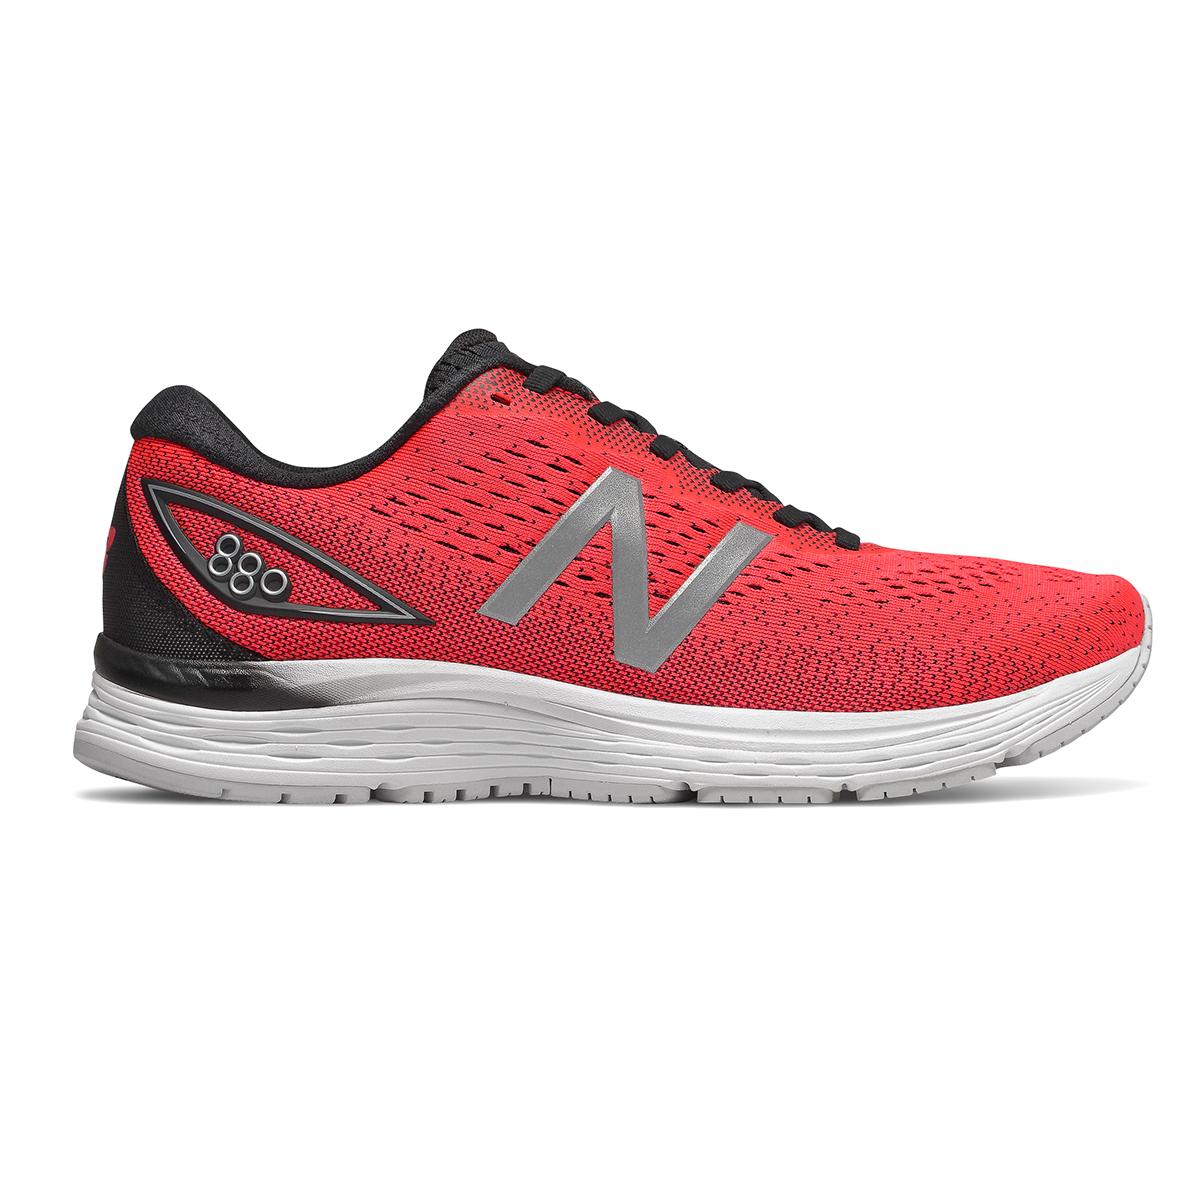 Men's New Balance 880V9 Running Shoe - Color: Energy Red / Black / White (Regular Width) - Size: 9, Energy Red / Black / White, large, image 1